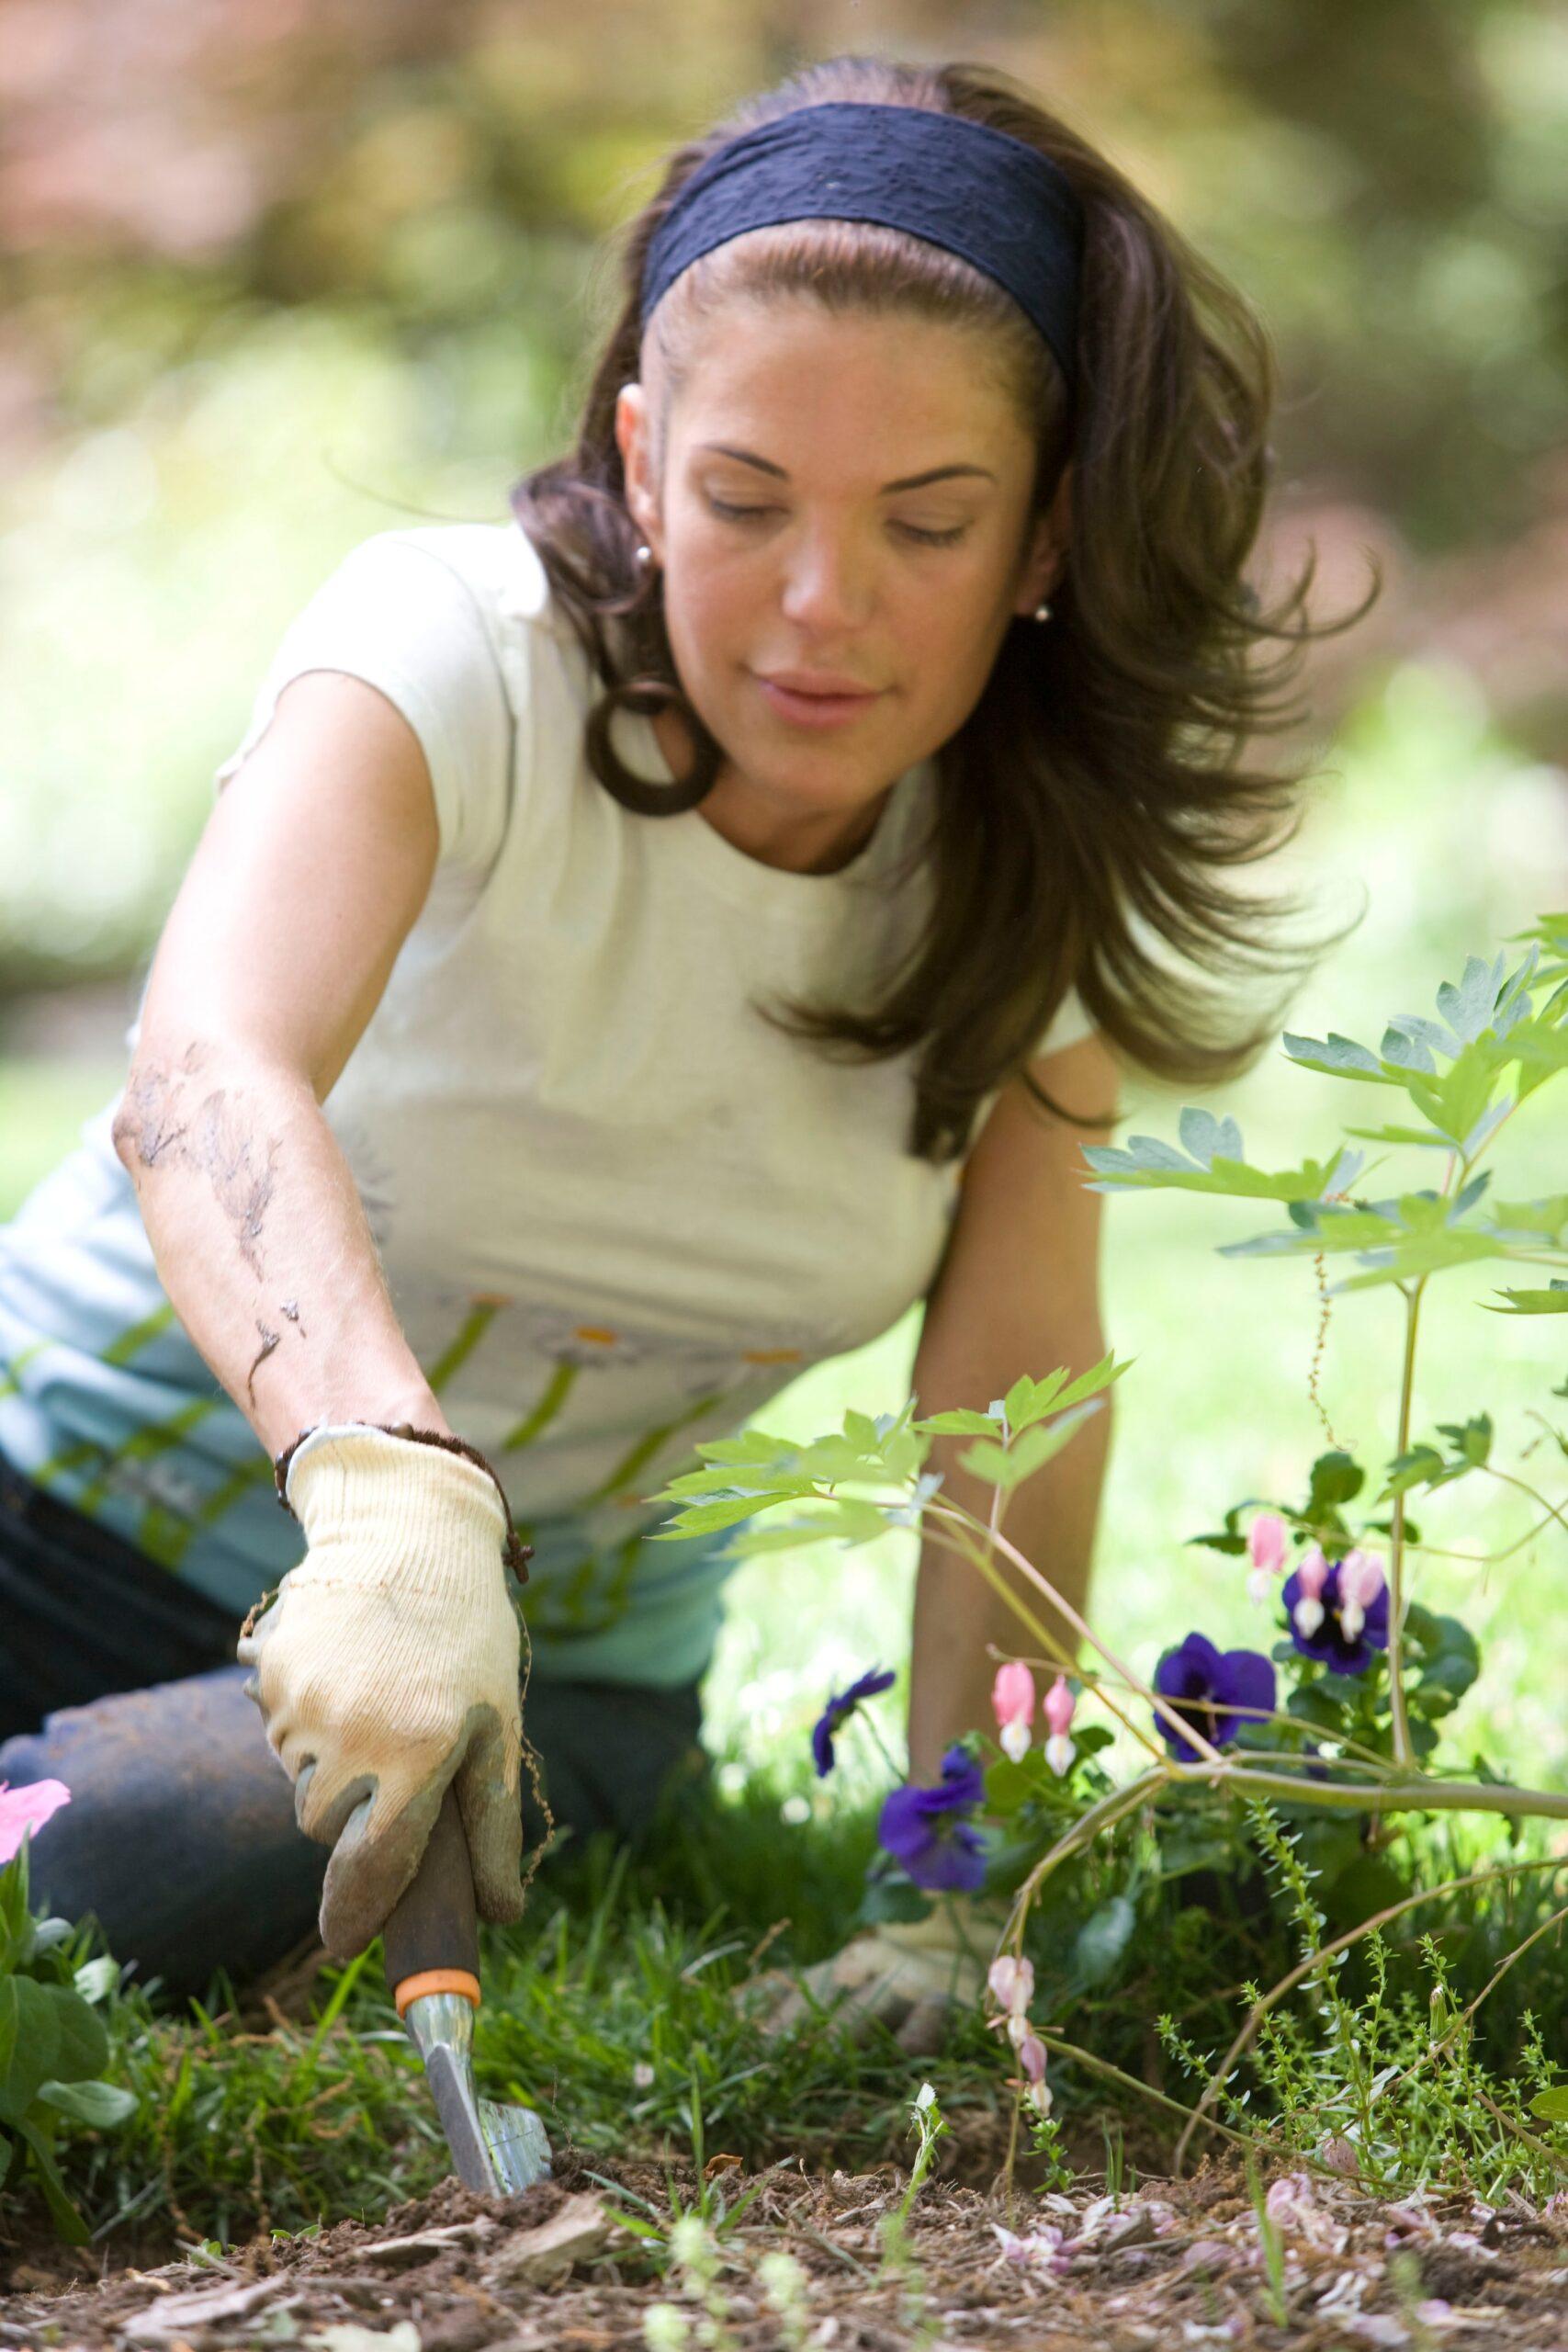 Η δραστηριότητα στη φύση που έχει ευεργετικές ιδιότητες στο σώμα και το πνεύμα 1